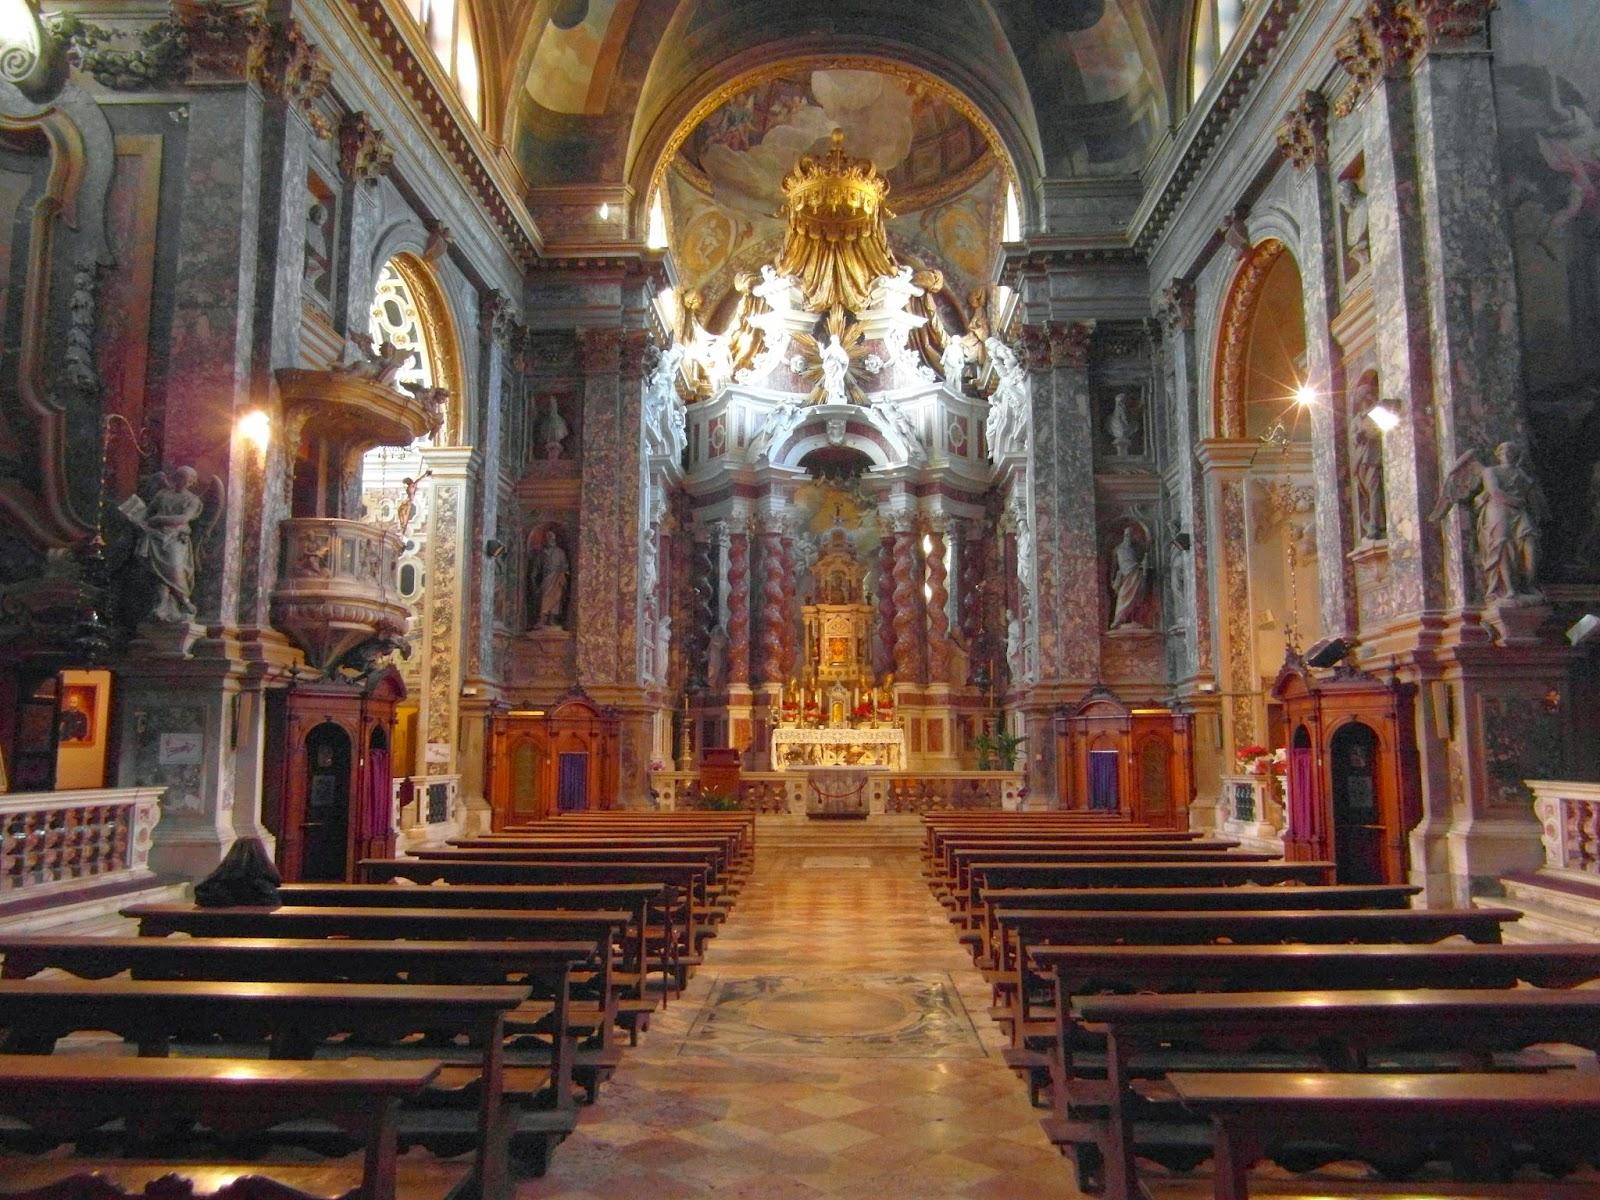 Interior of the Chiesa degli Scalzi, Venice